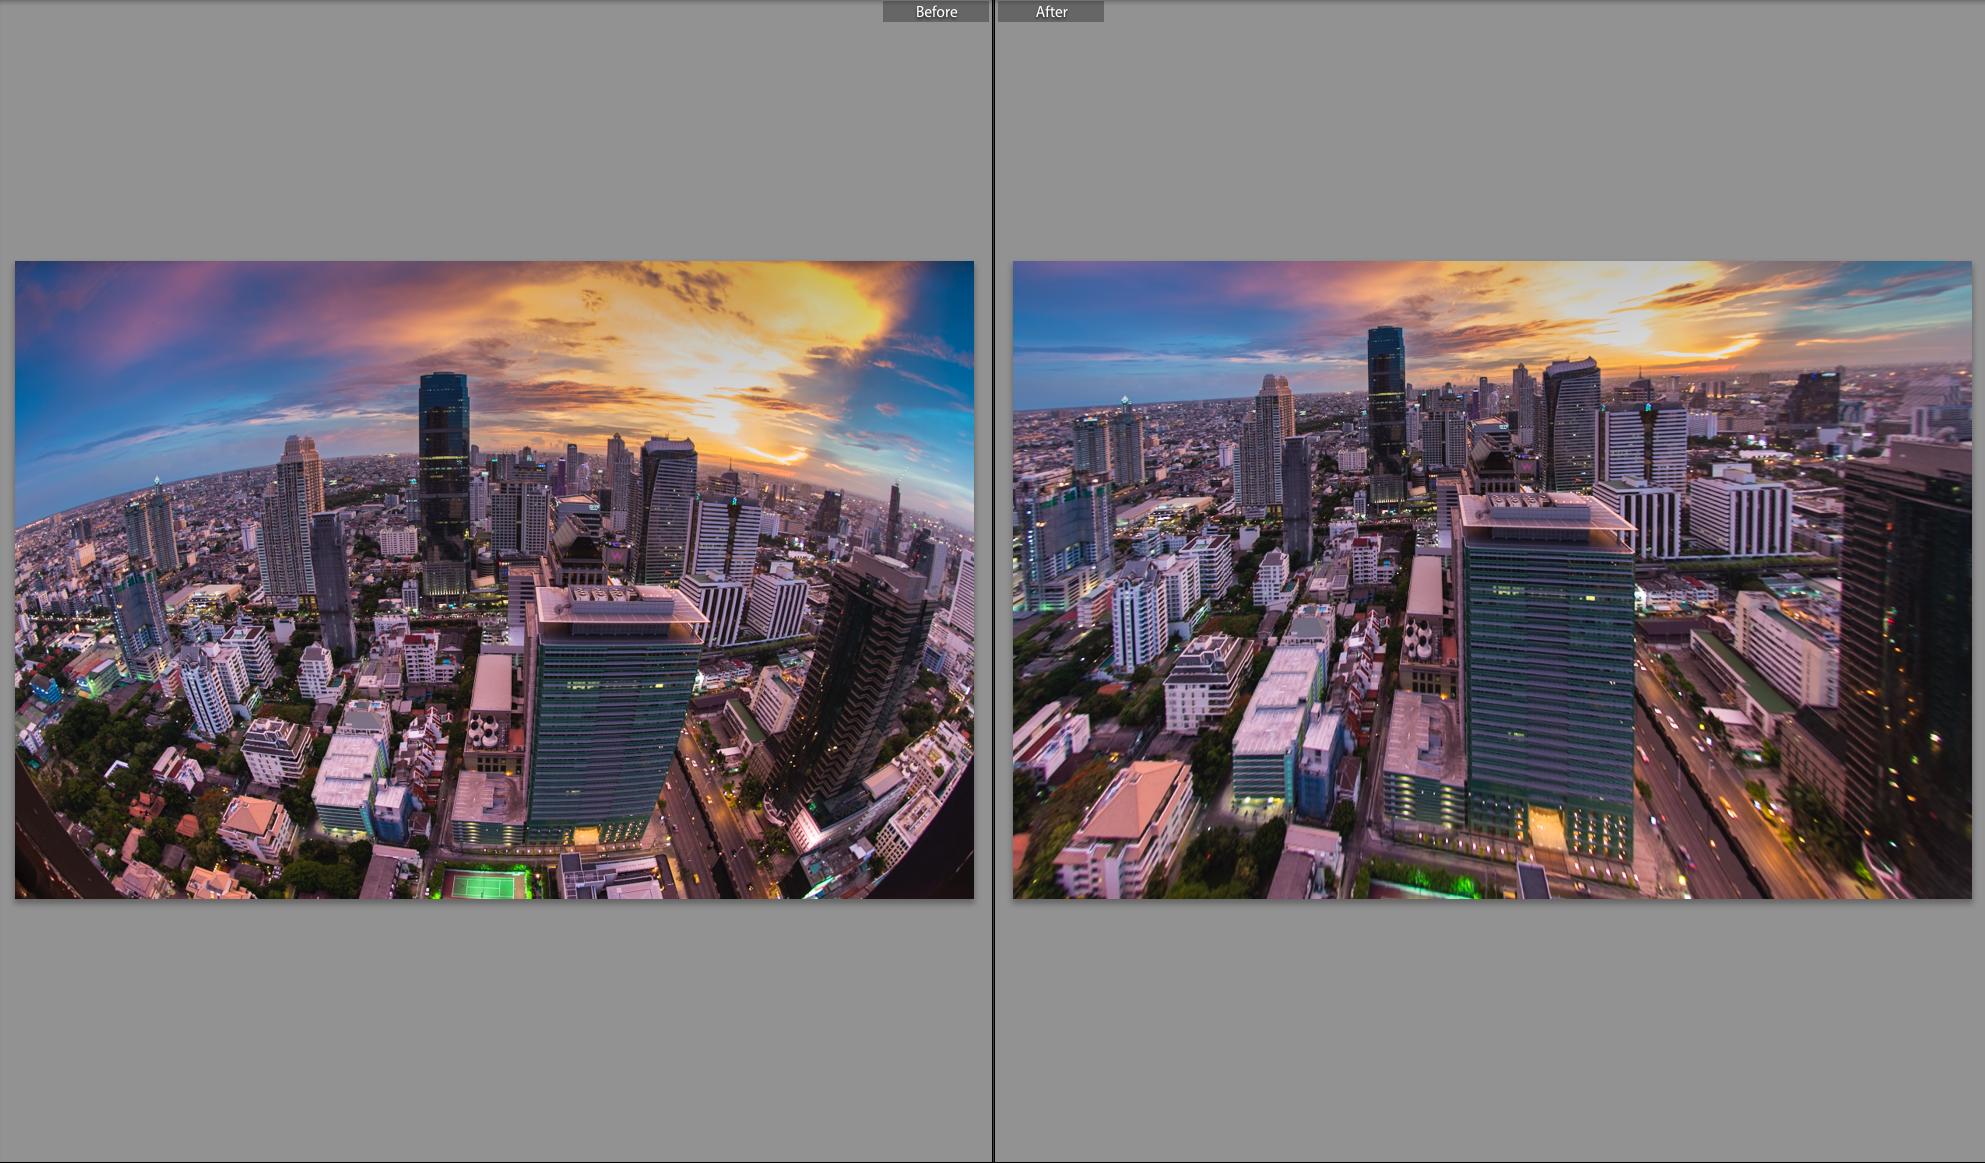 แก้ไข Perspective ด้วยฟังก์ชั่น Upright ในโปรแกรม Adobe Lightroom